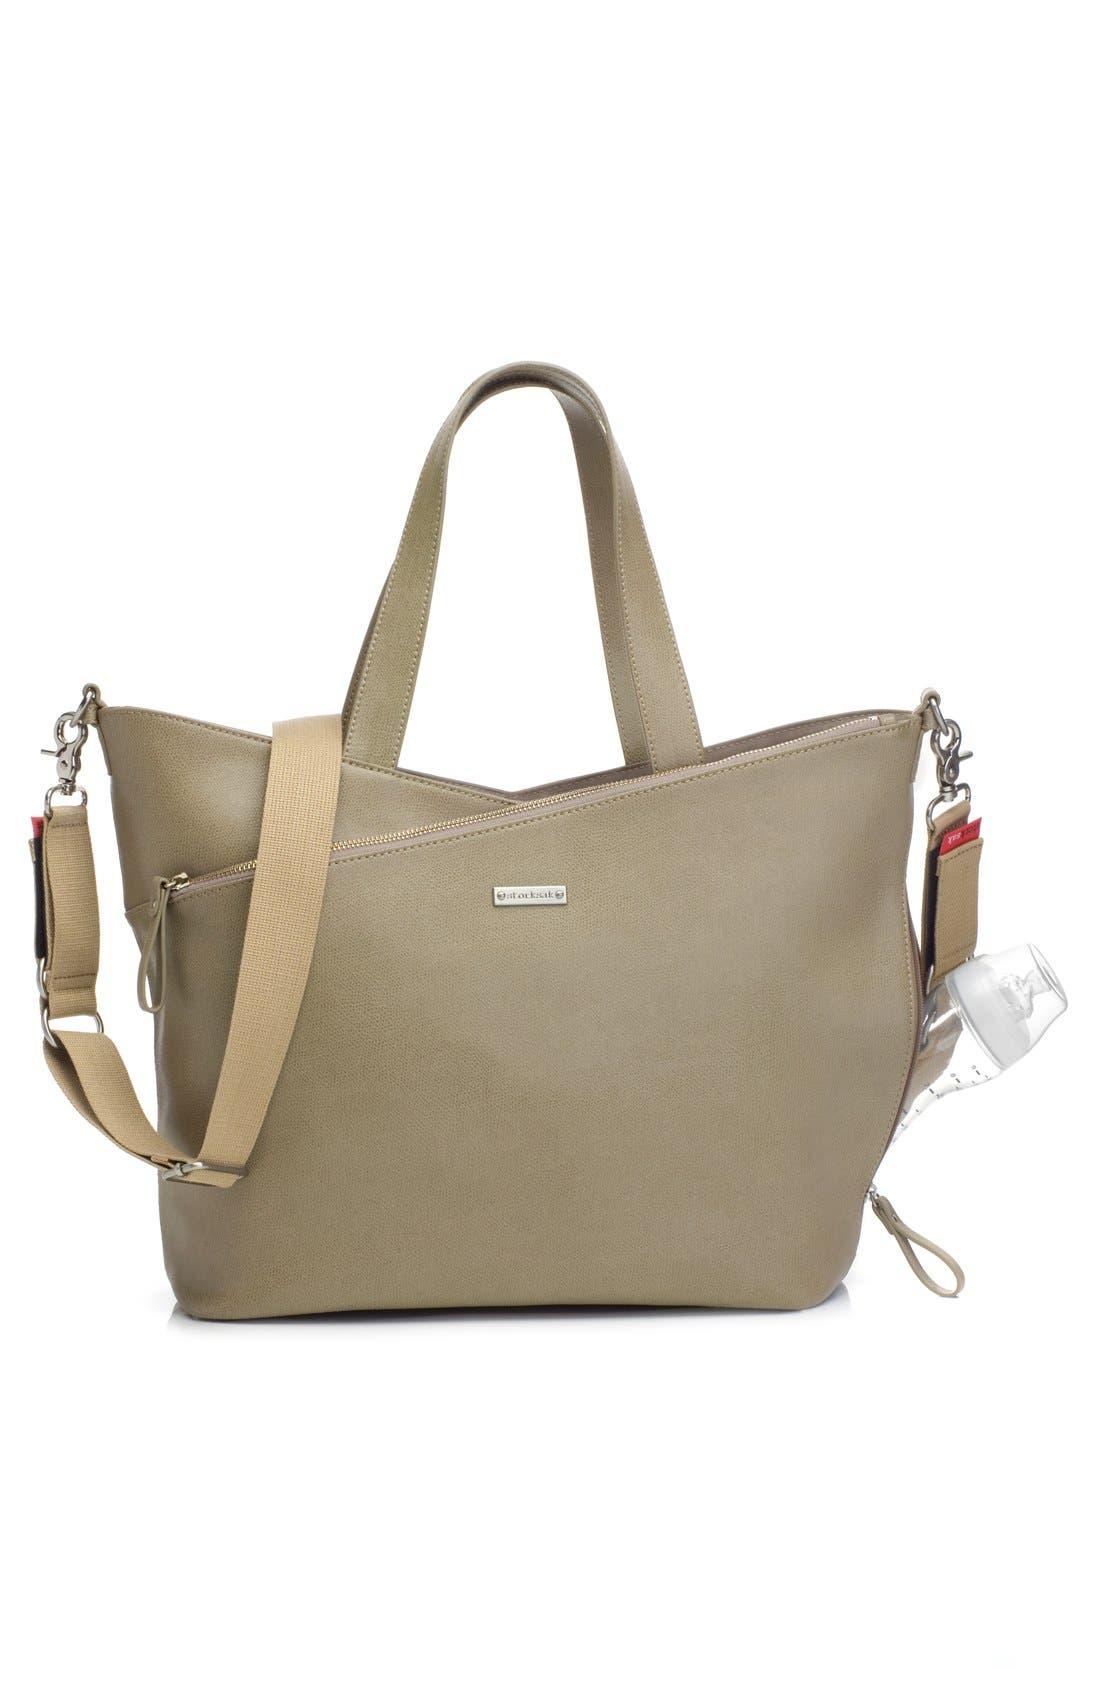 'Lucinda' Diaper Bag Leather Tote,                             Alternate thumbnail 5, color,